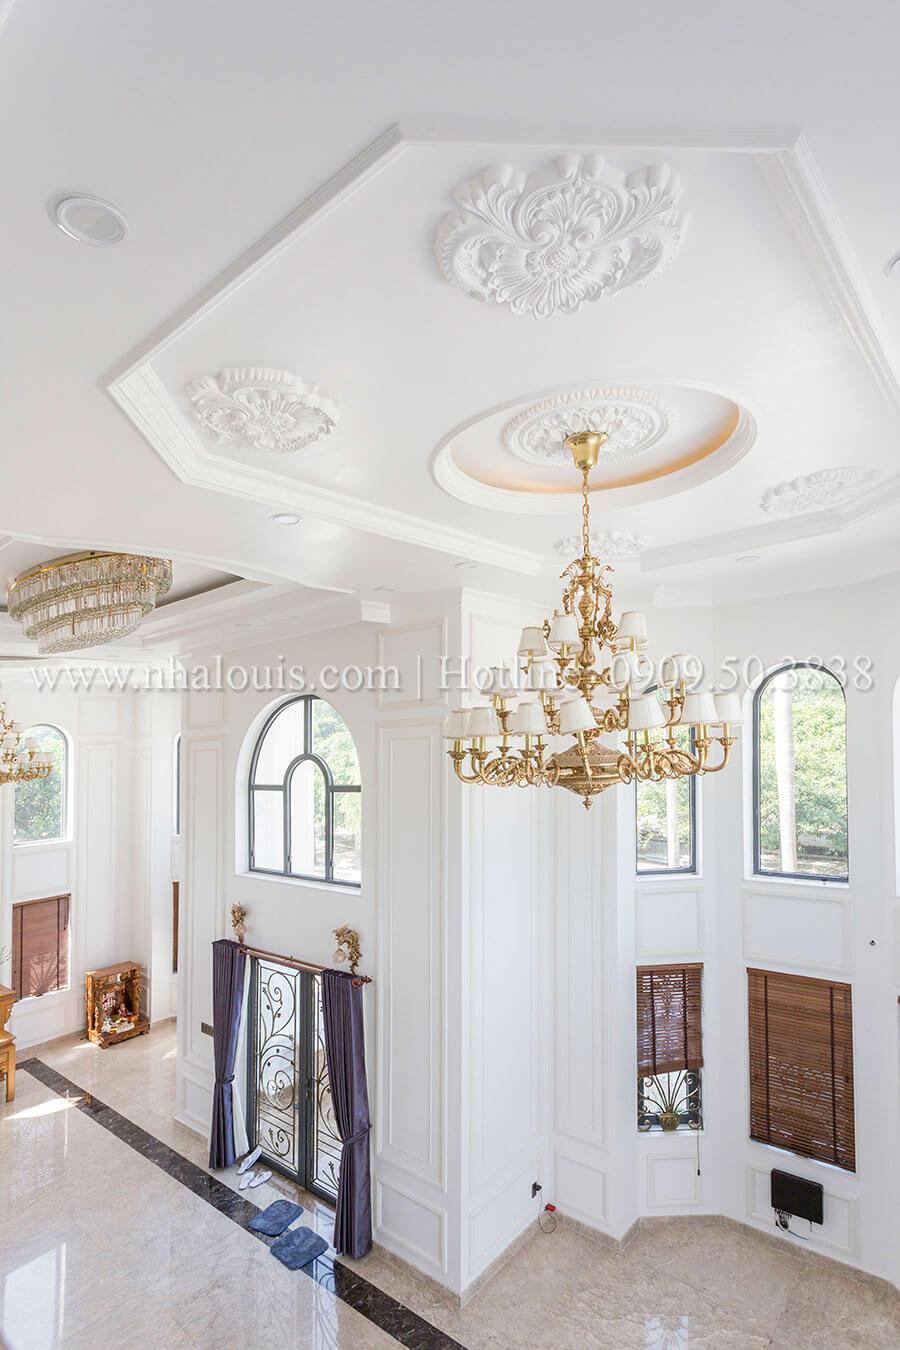 Dự án thi công biệt thự kiến trúc Pháp đẳng cấp ở Đồng Nai